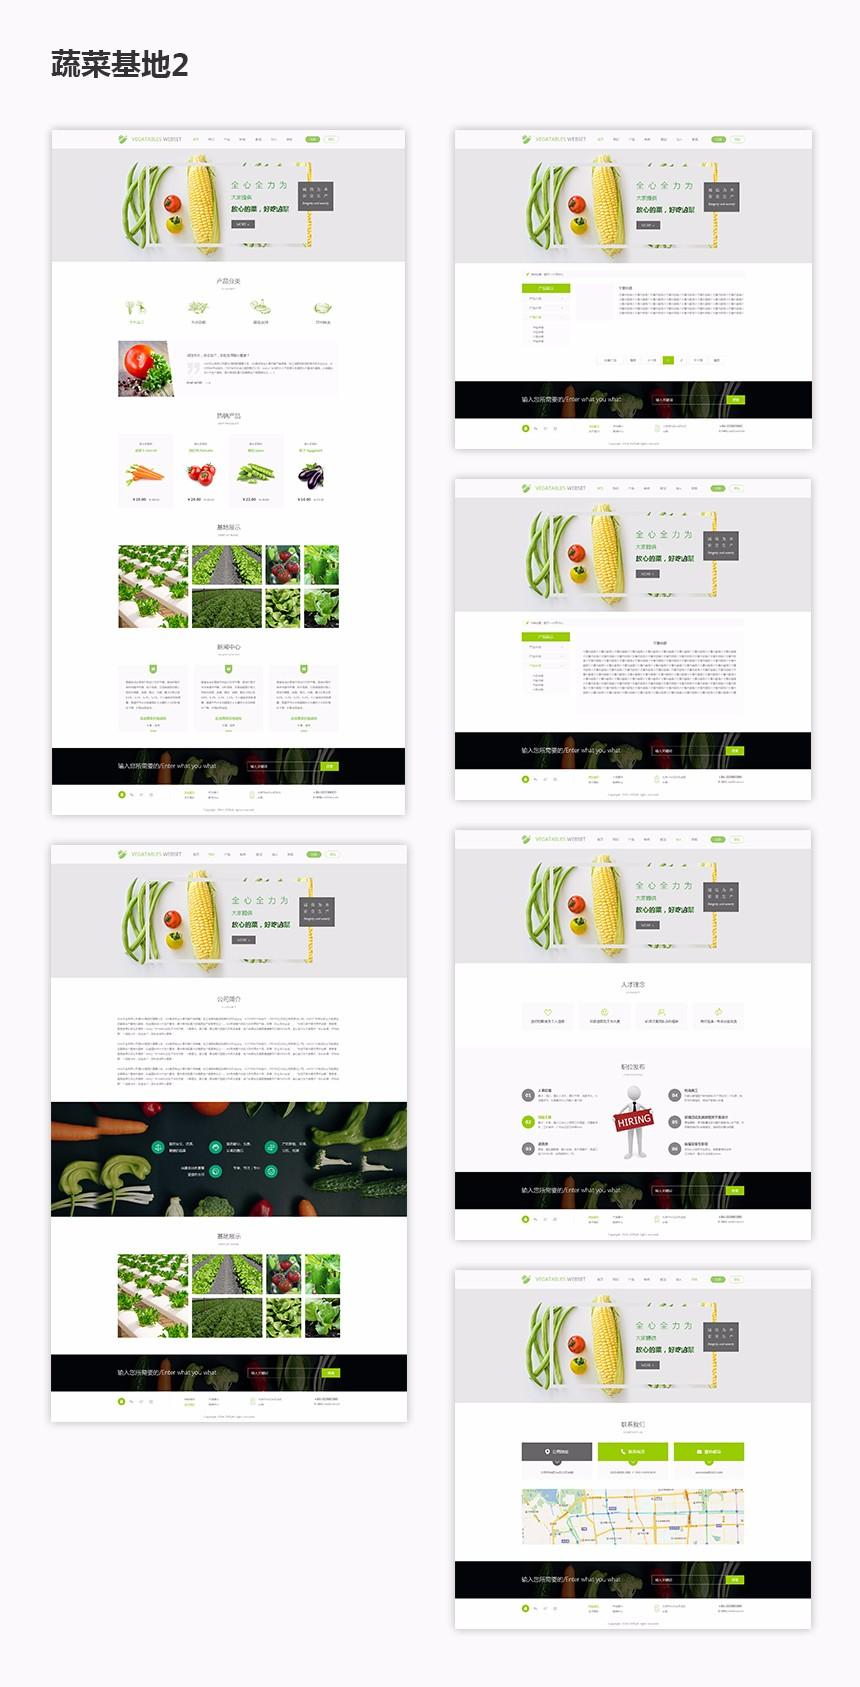 重庆蔬菜基地公司农业行业网站建设.jpg